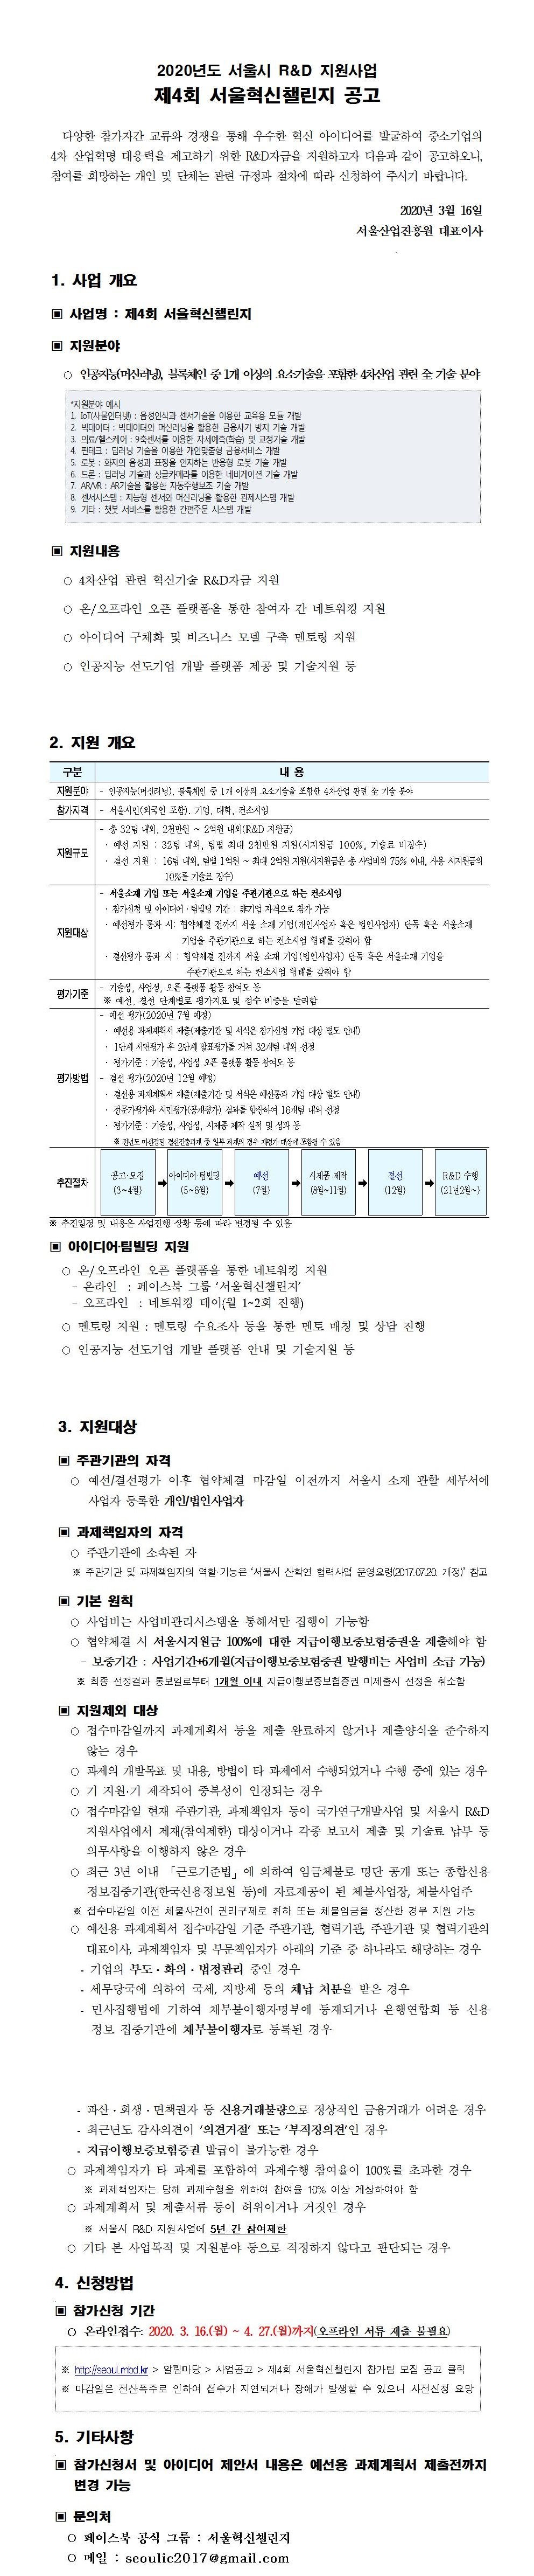 제4회 서울혁신챌린지 모집공고